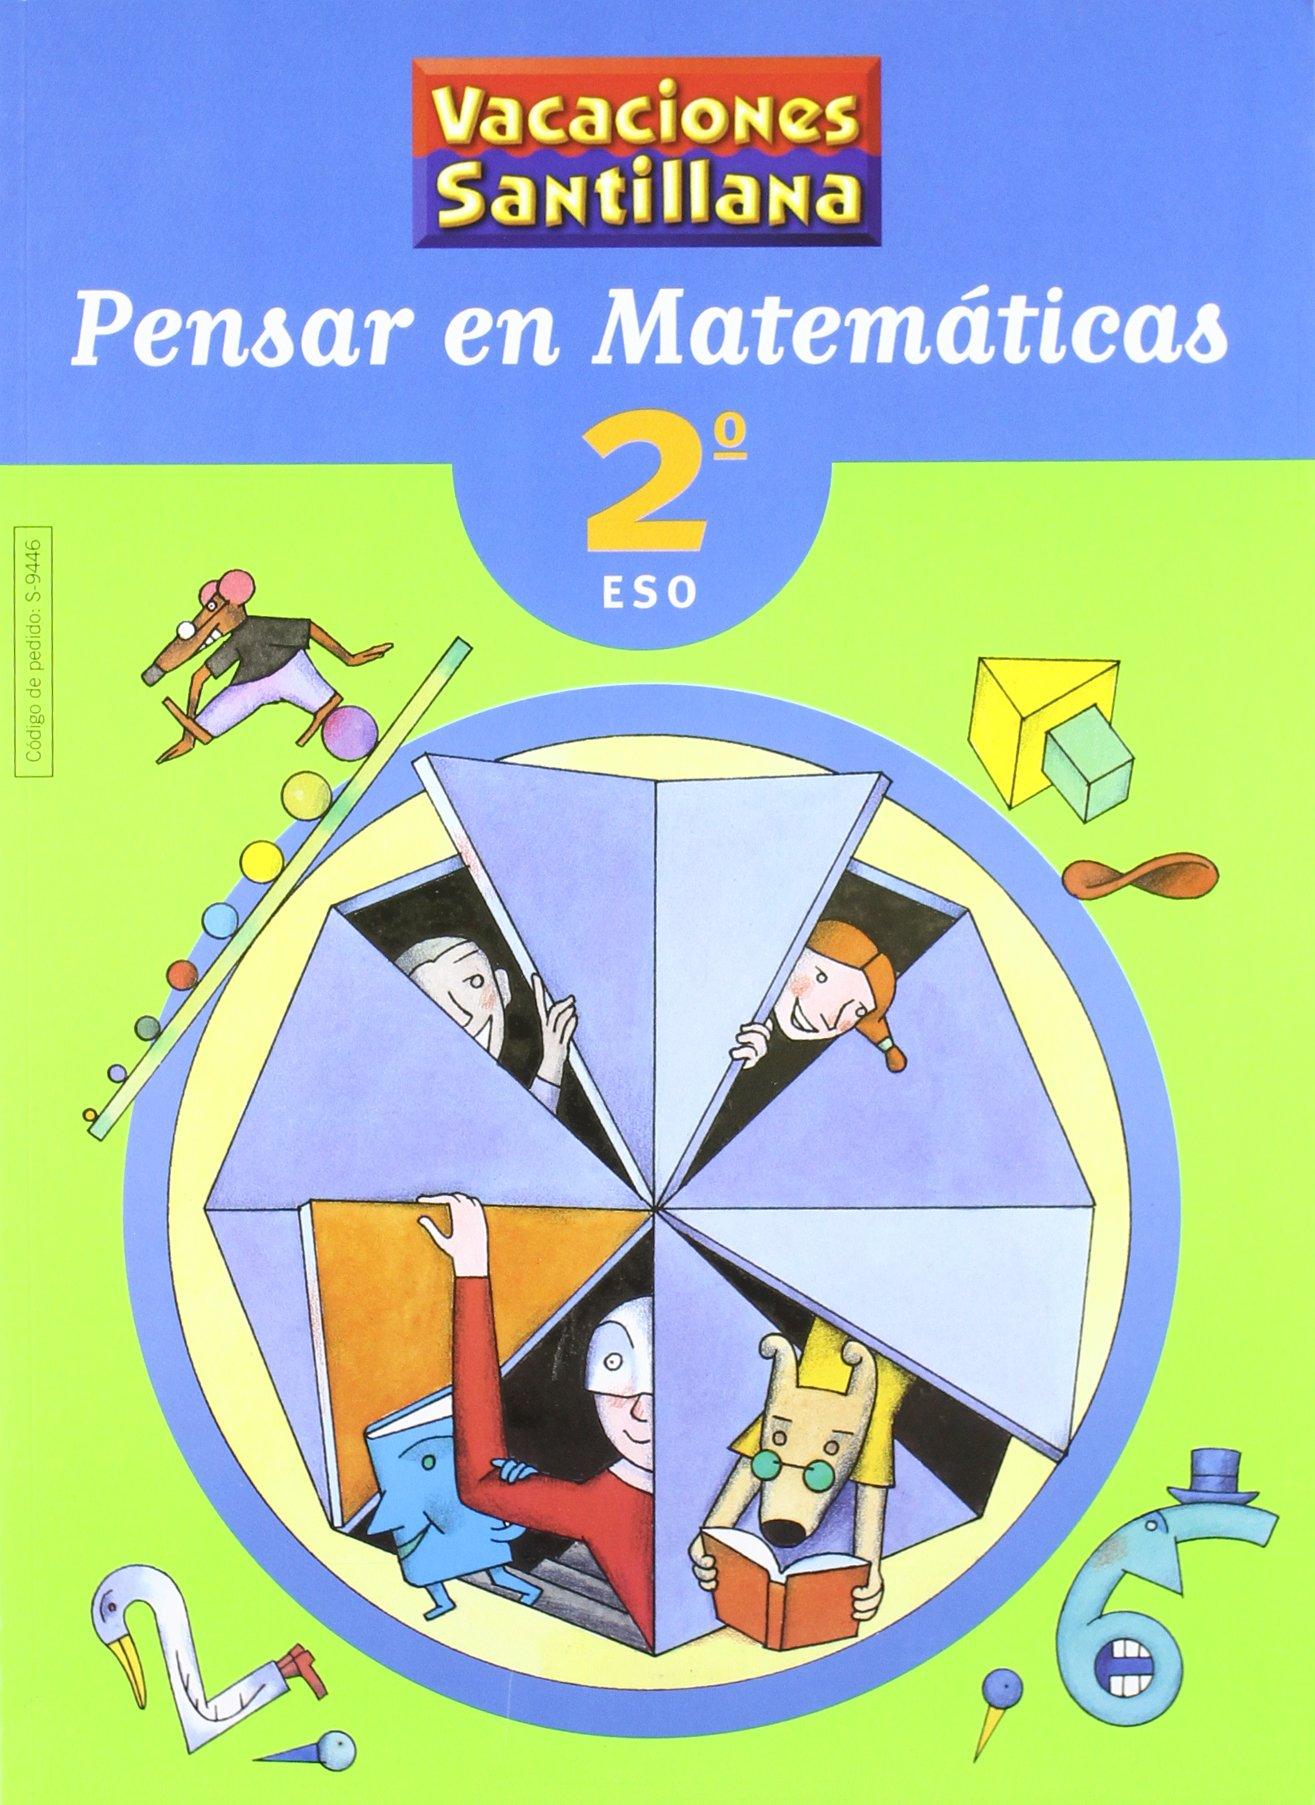 Vacaciónes Santillana Pensar En Matemáticas 2 Eso 9788429494464 Amazon Es Desconocido Libros